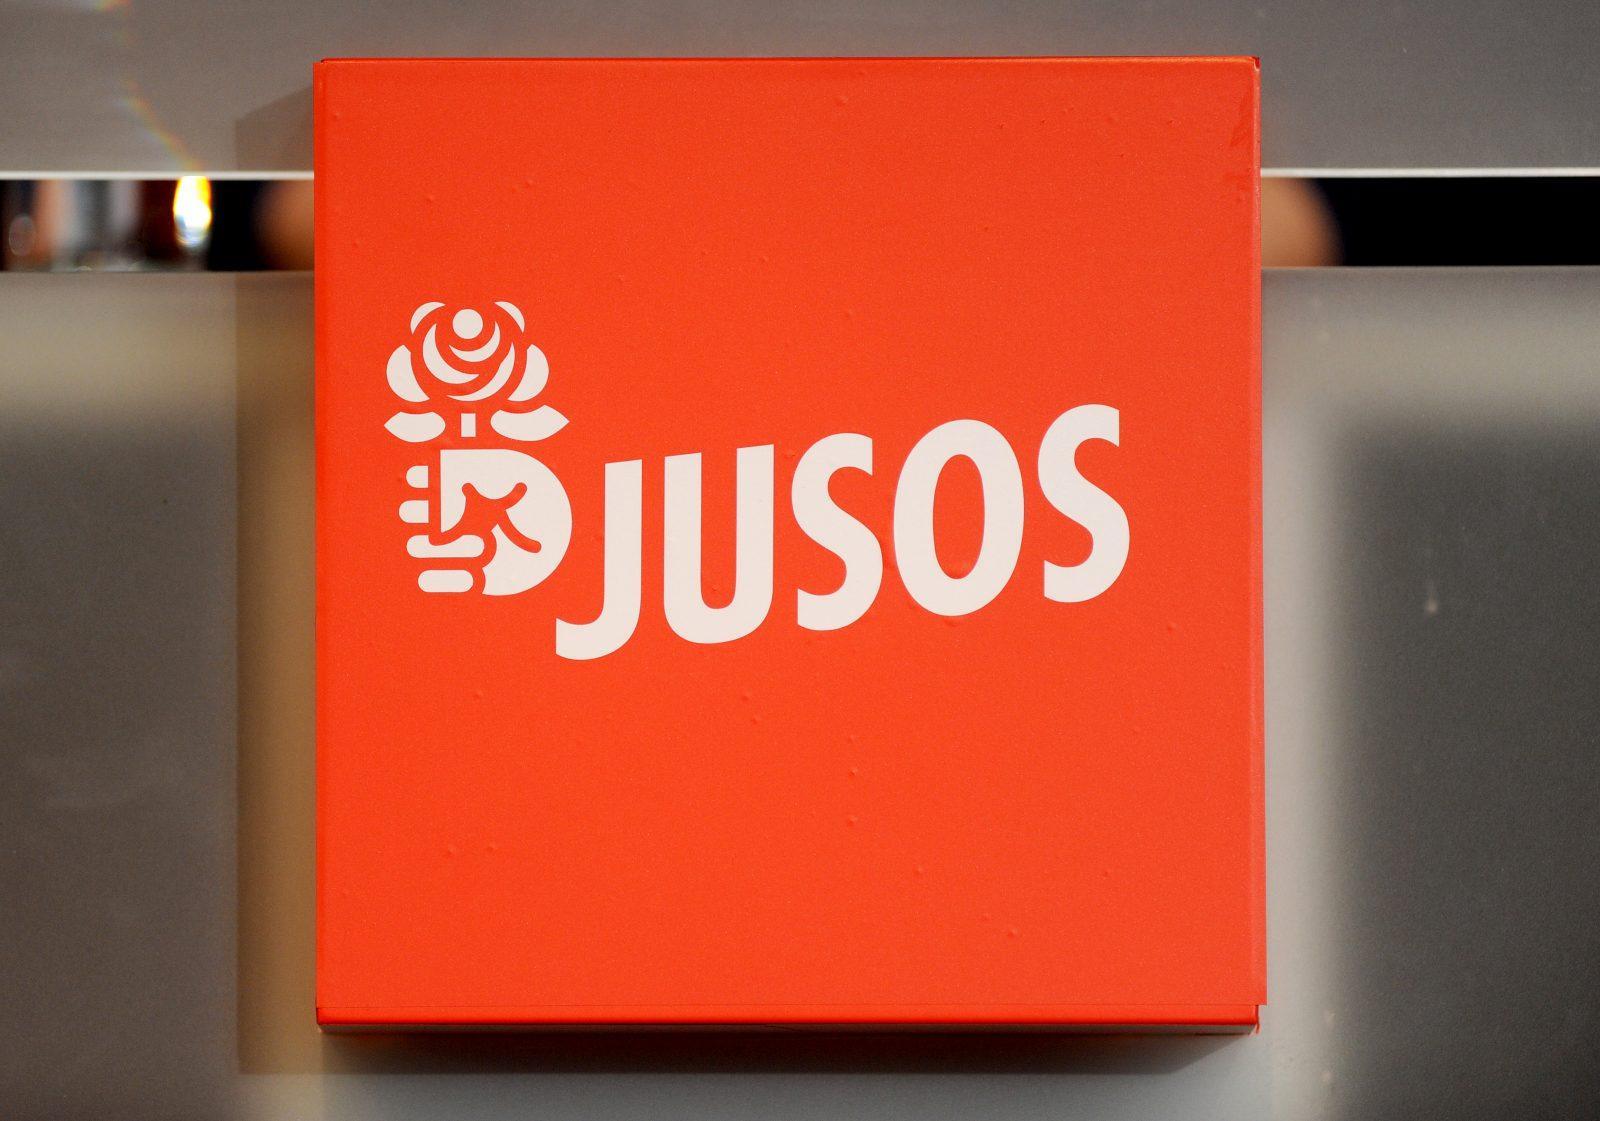 Das Logo der SPD-Nachwuchsorganisation Jusos: Solidarität mit Fatah Jugend sorgt für Kritik Foto: (c) dpa